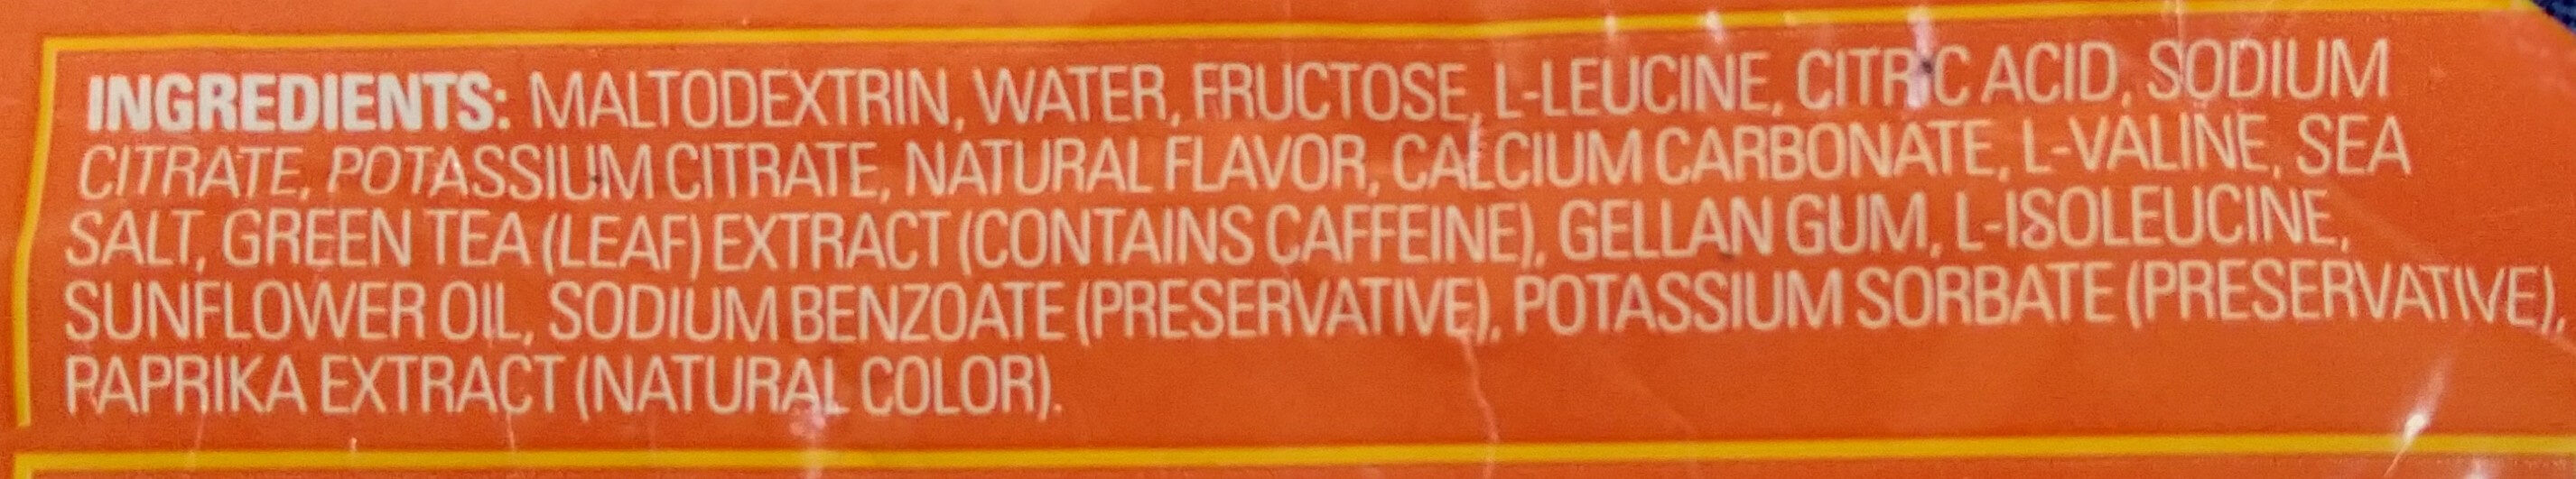 Mandarin orange energy gel - Ingredients - en